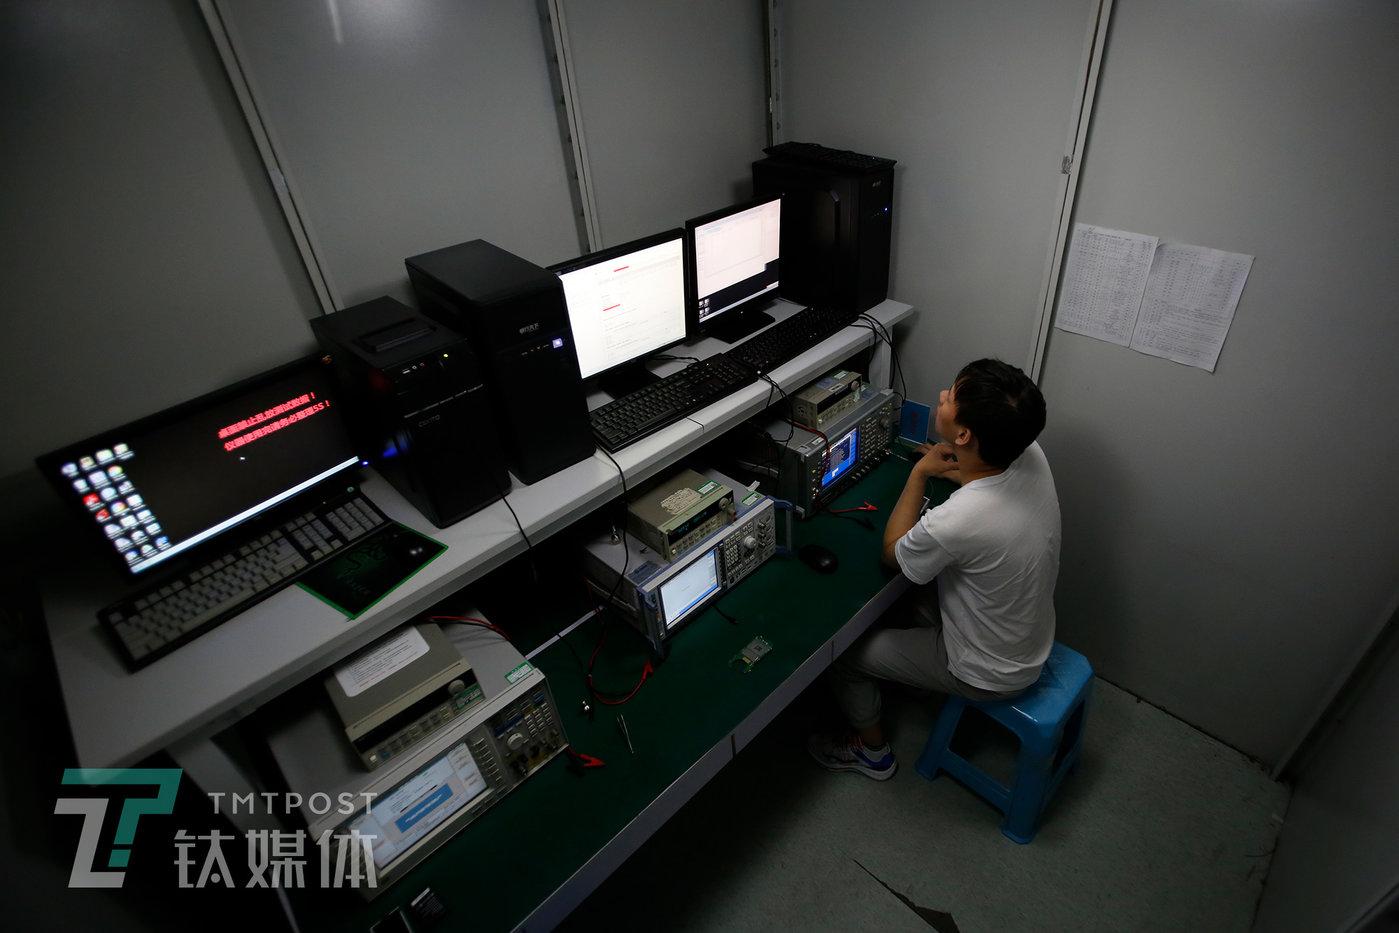 屏蔽实验室,一名测试员在检测一件反窃密新产品的性能。